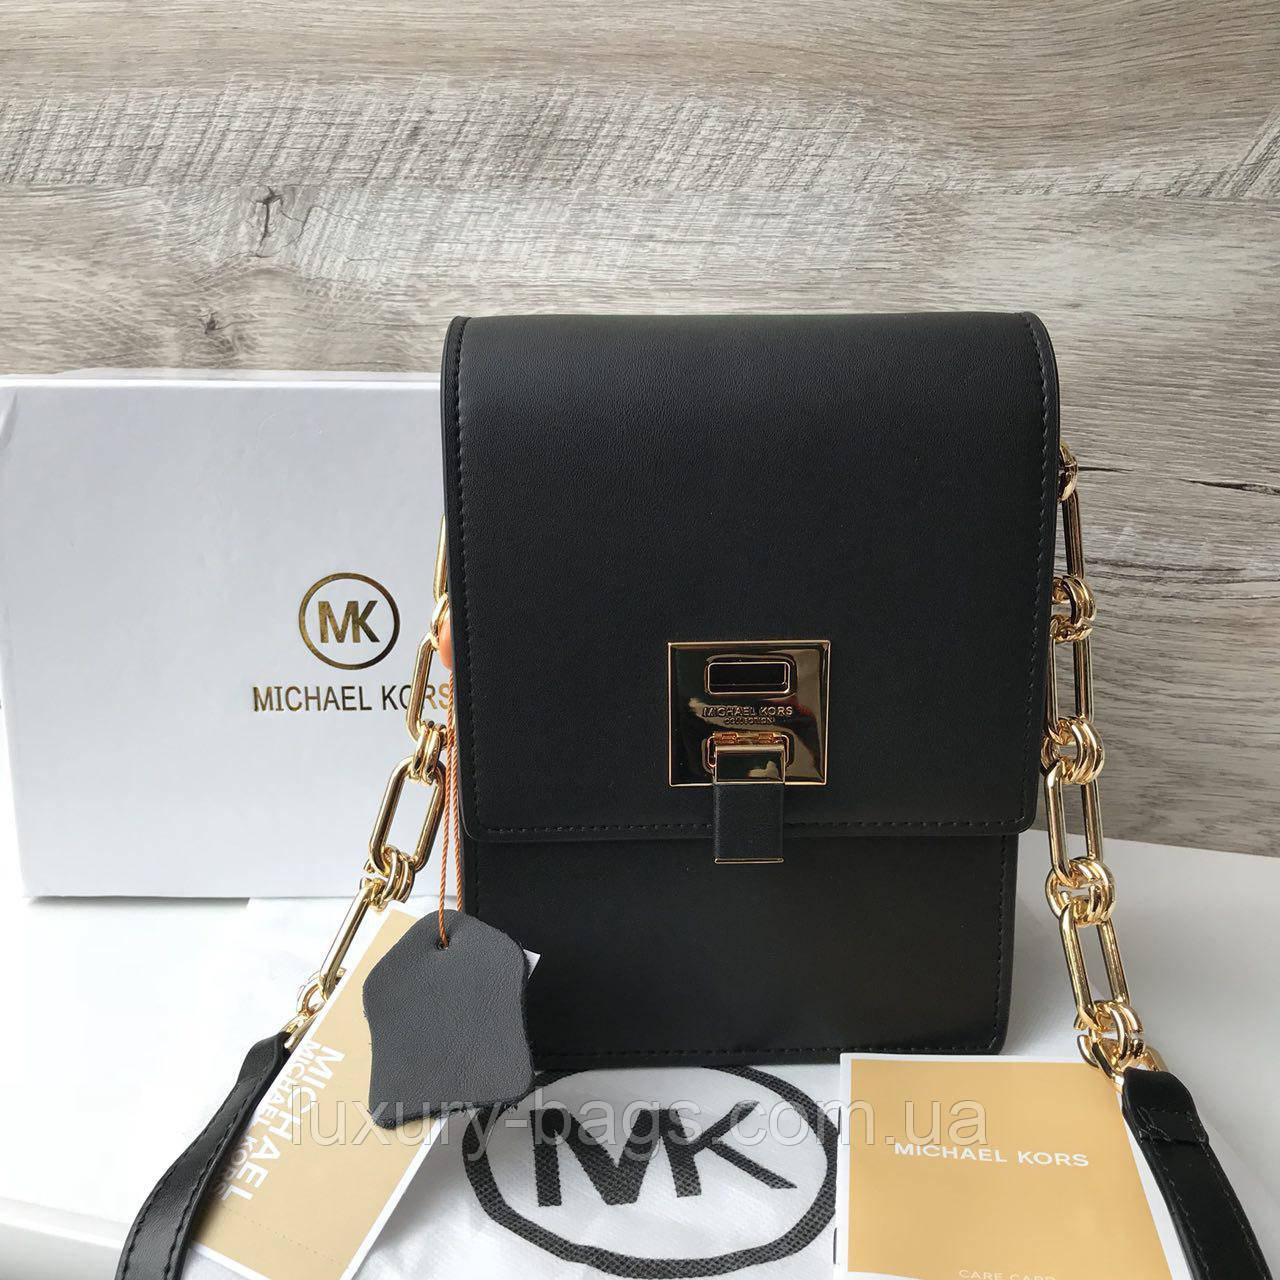 b3fa0bc447fa Женская кожаная сумка Michael Kors Майкл Корс  продажа, цена в ...